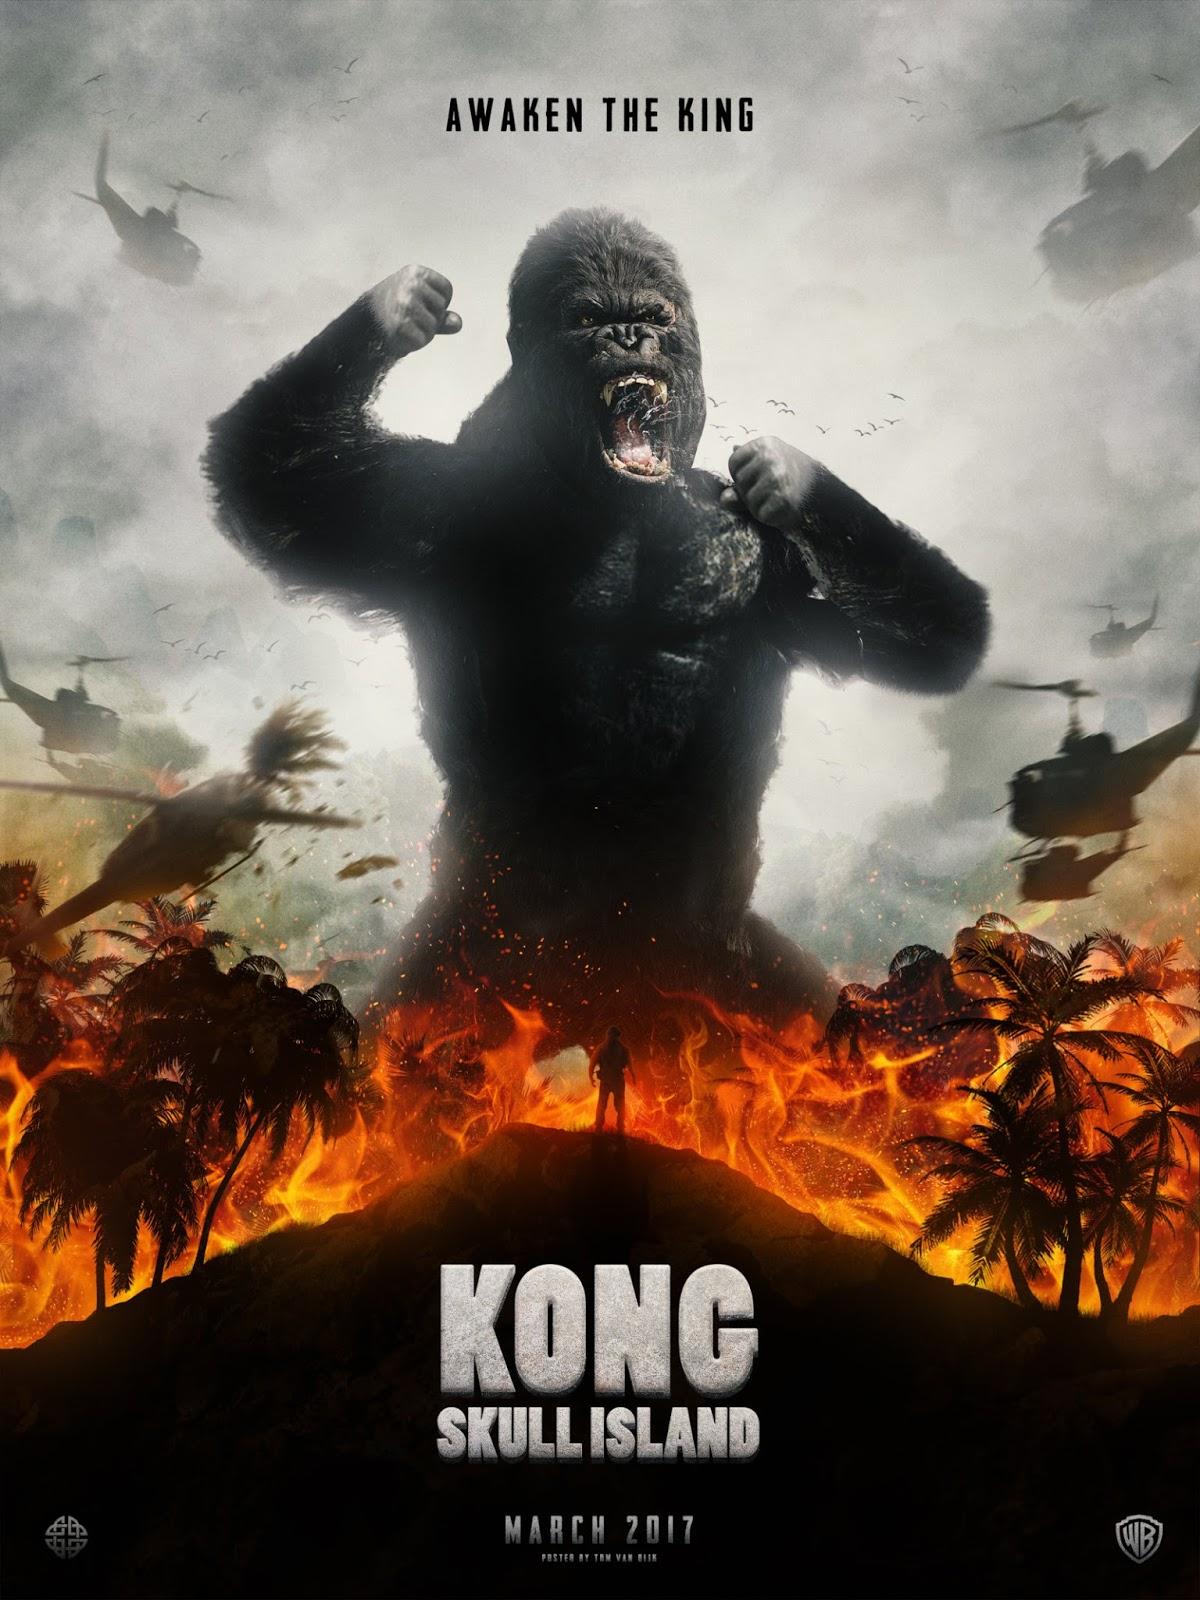 مشاهدة فيلم Kong Skull Island 2017 مترجم اون لاين شاهد